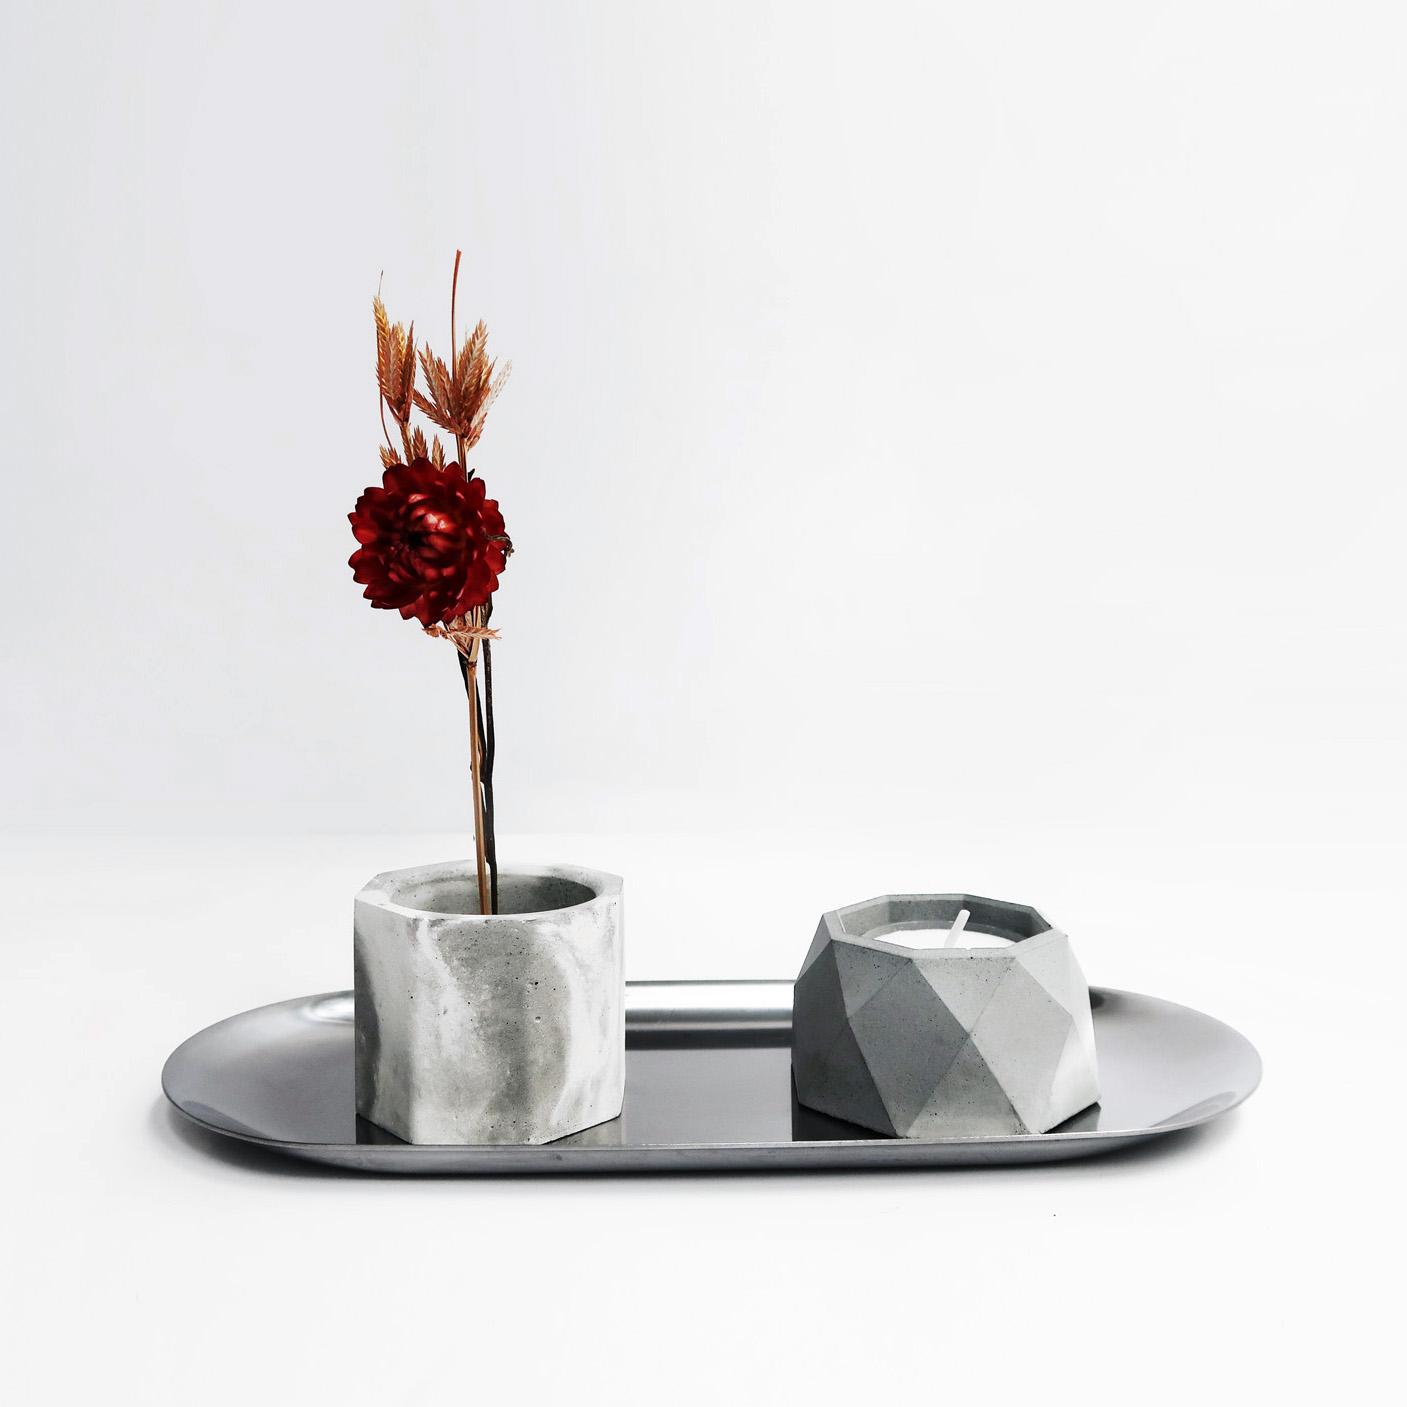 水泥家飾・居家擺飾・植物生活・設計禮物